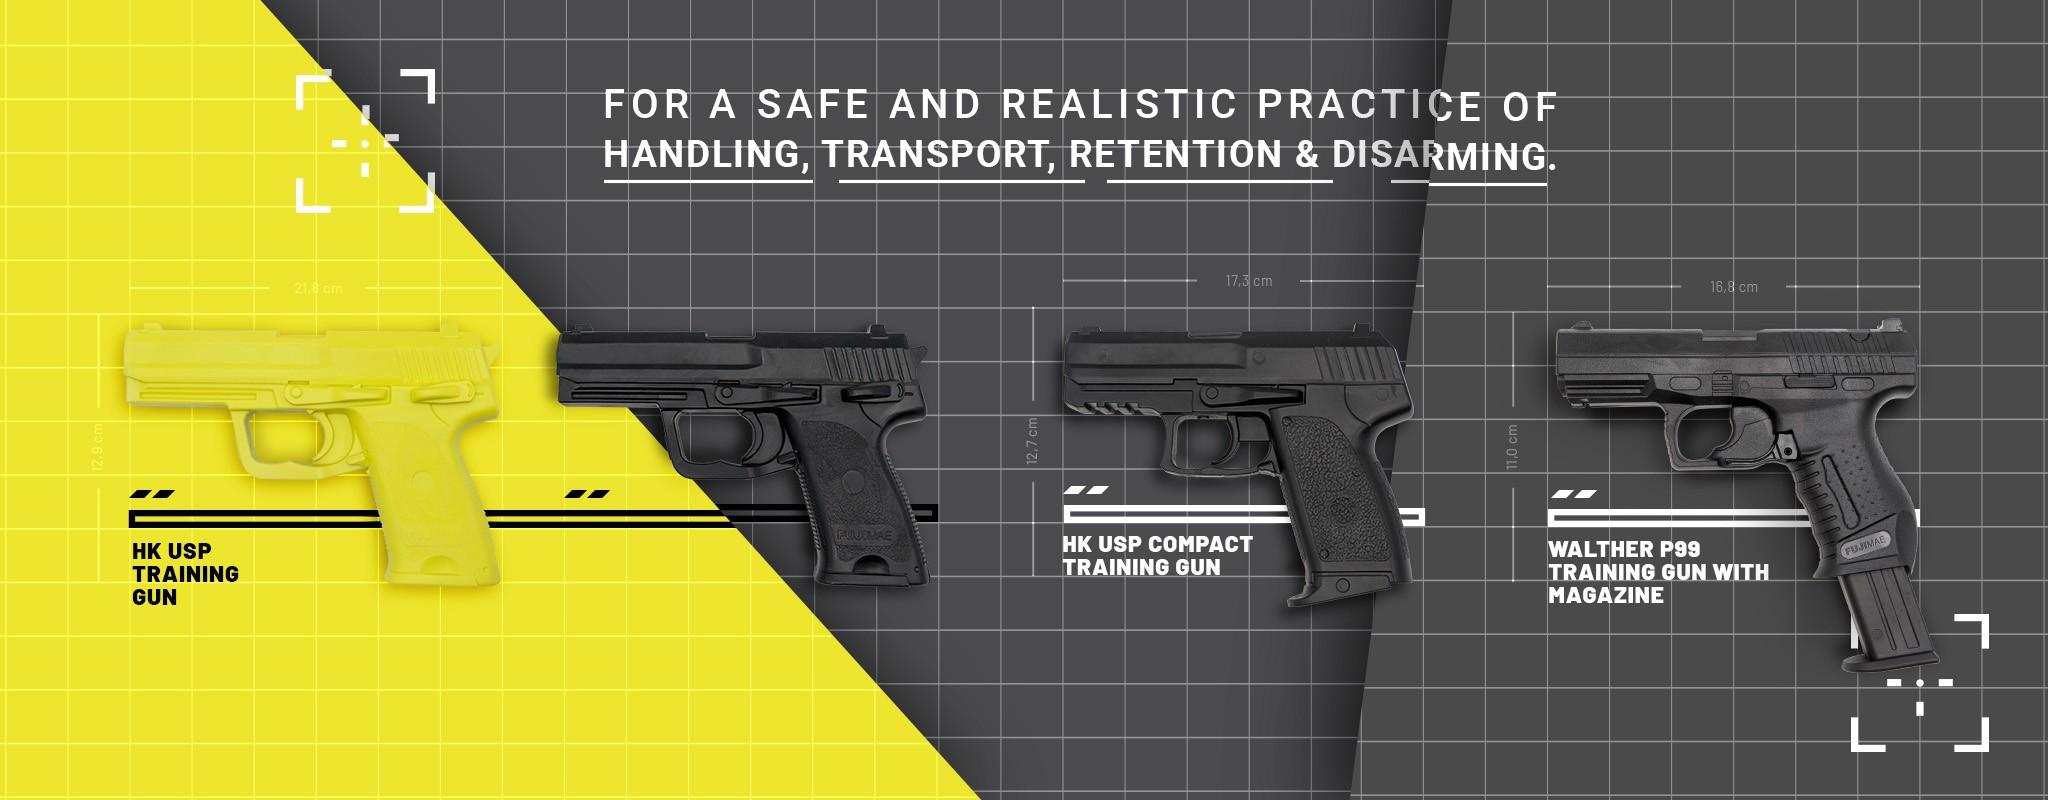 TPR guns